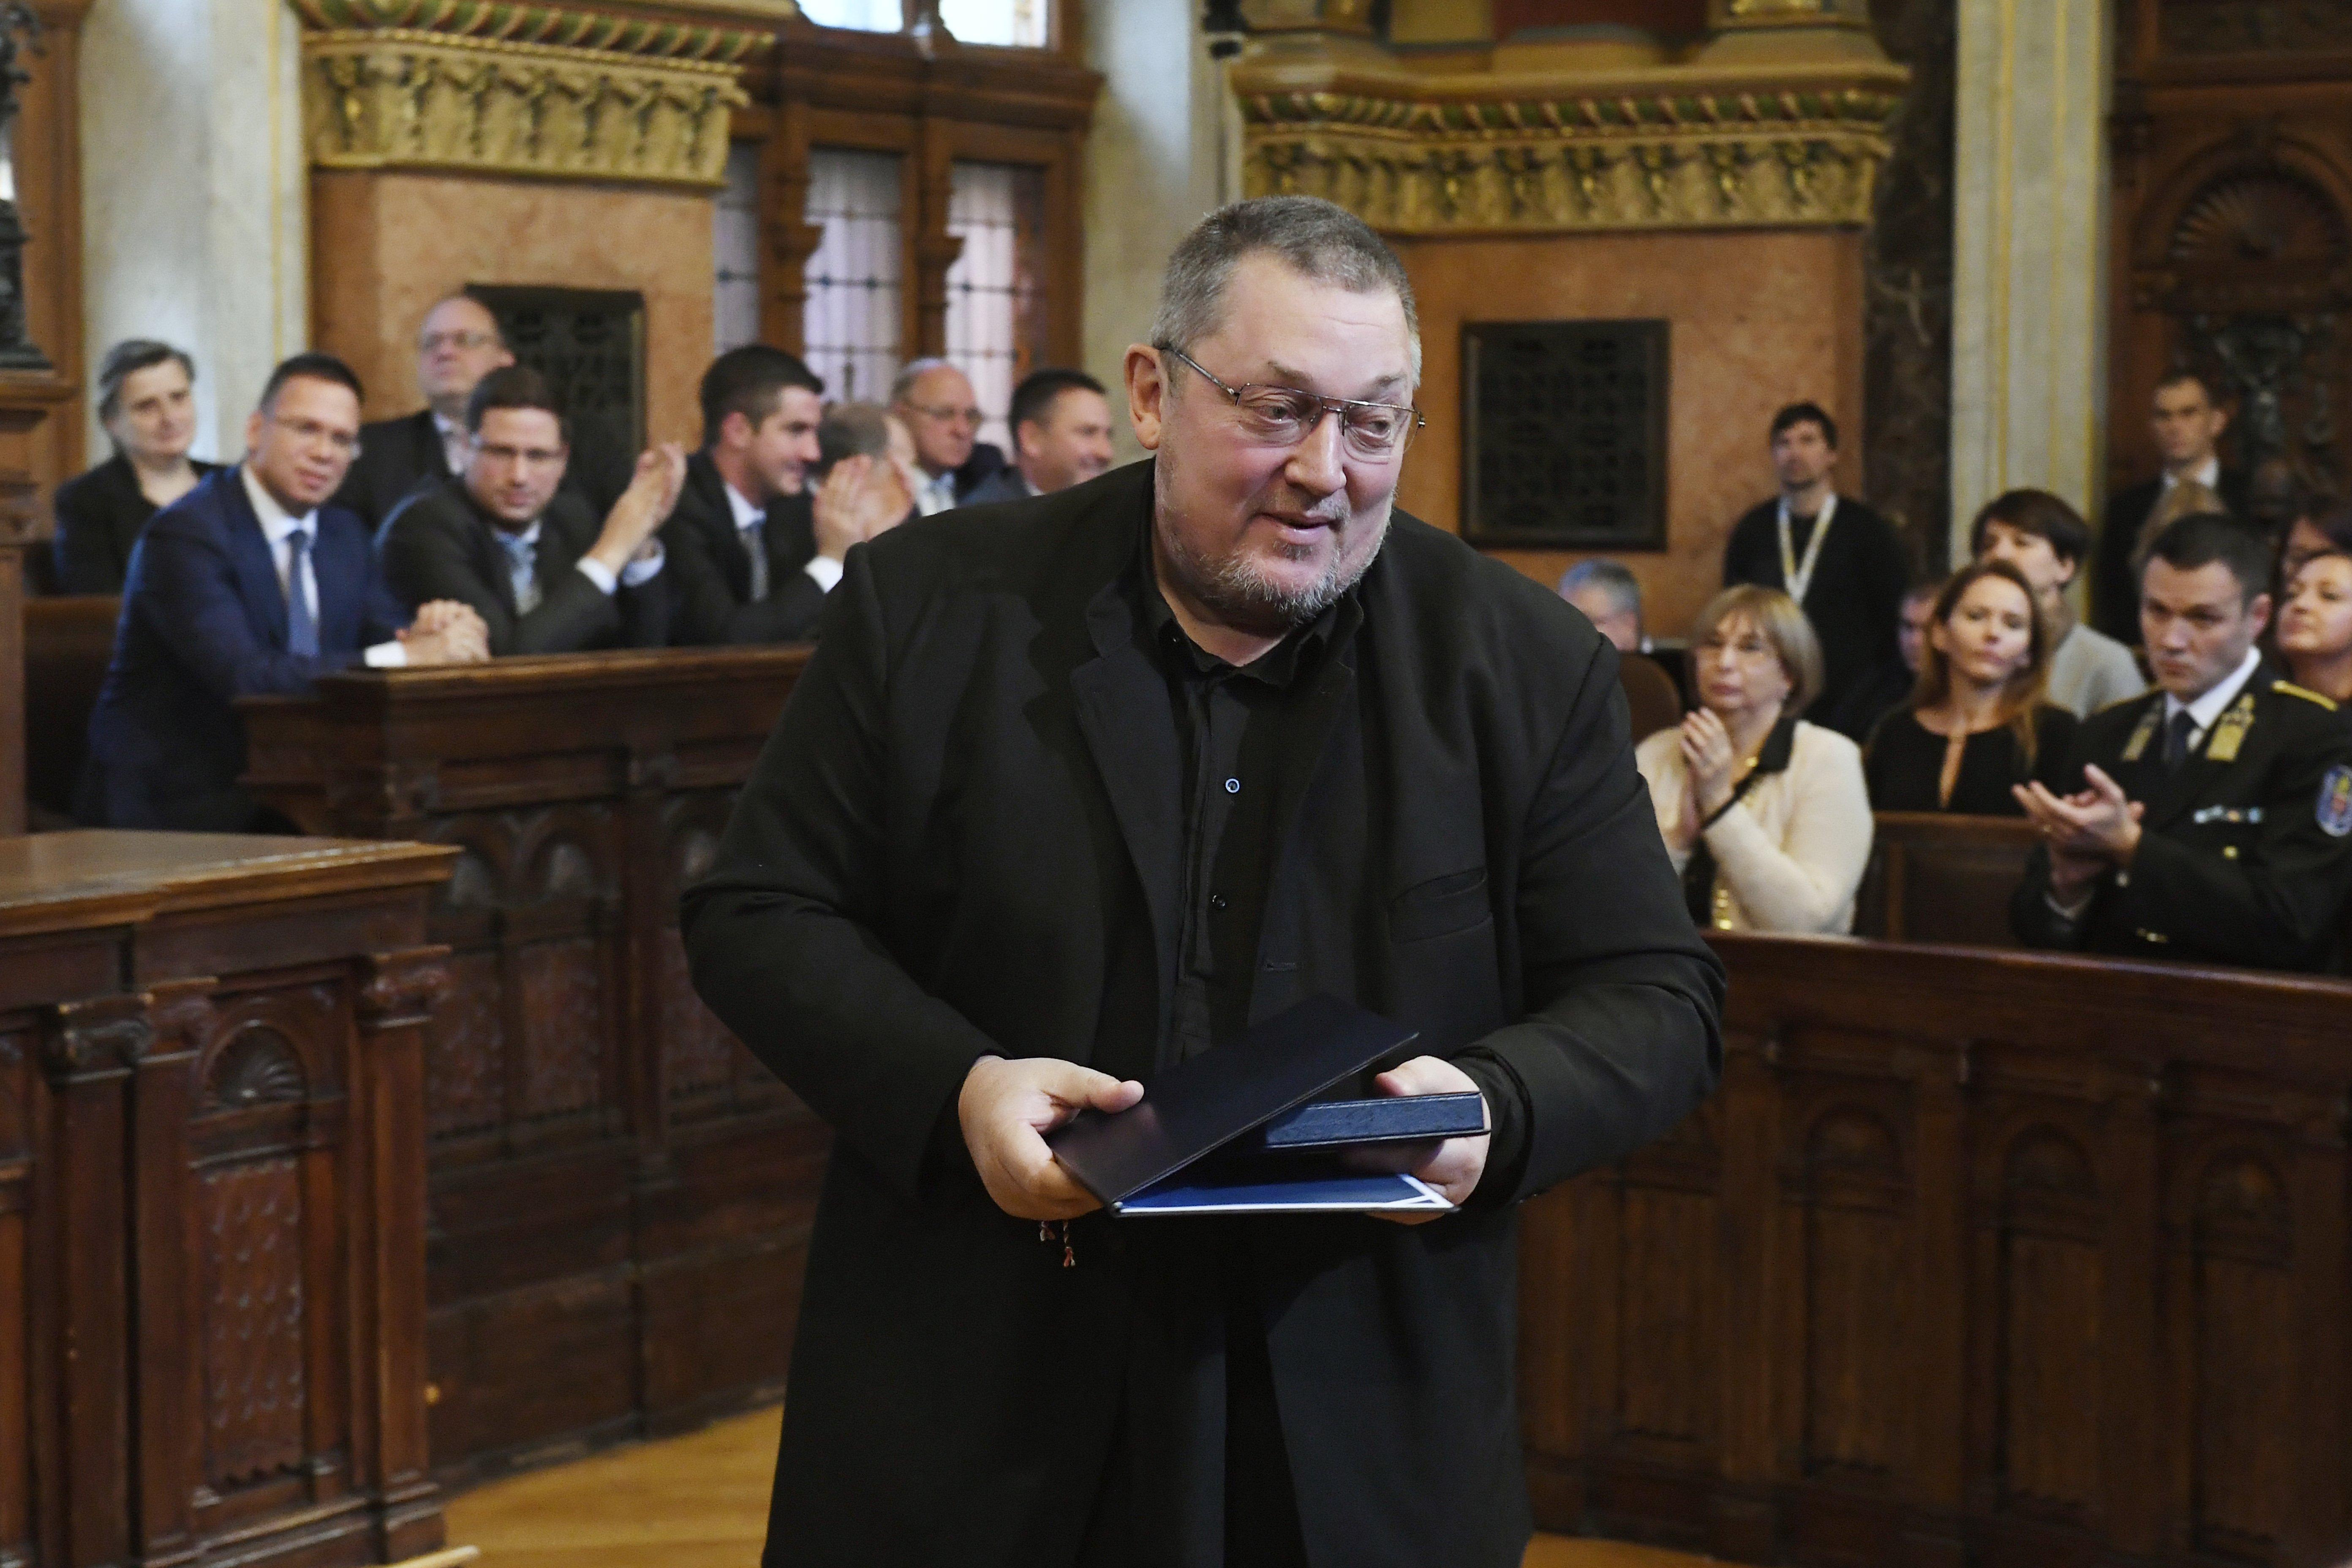 Vidnyánszky mostantól abba is beleszólhat, ki kapjon Kossuth-díjat